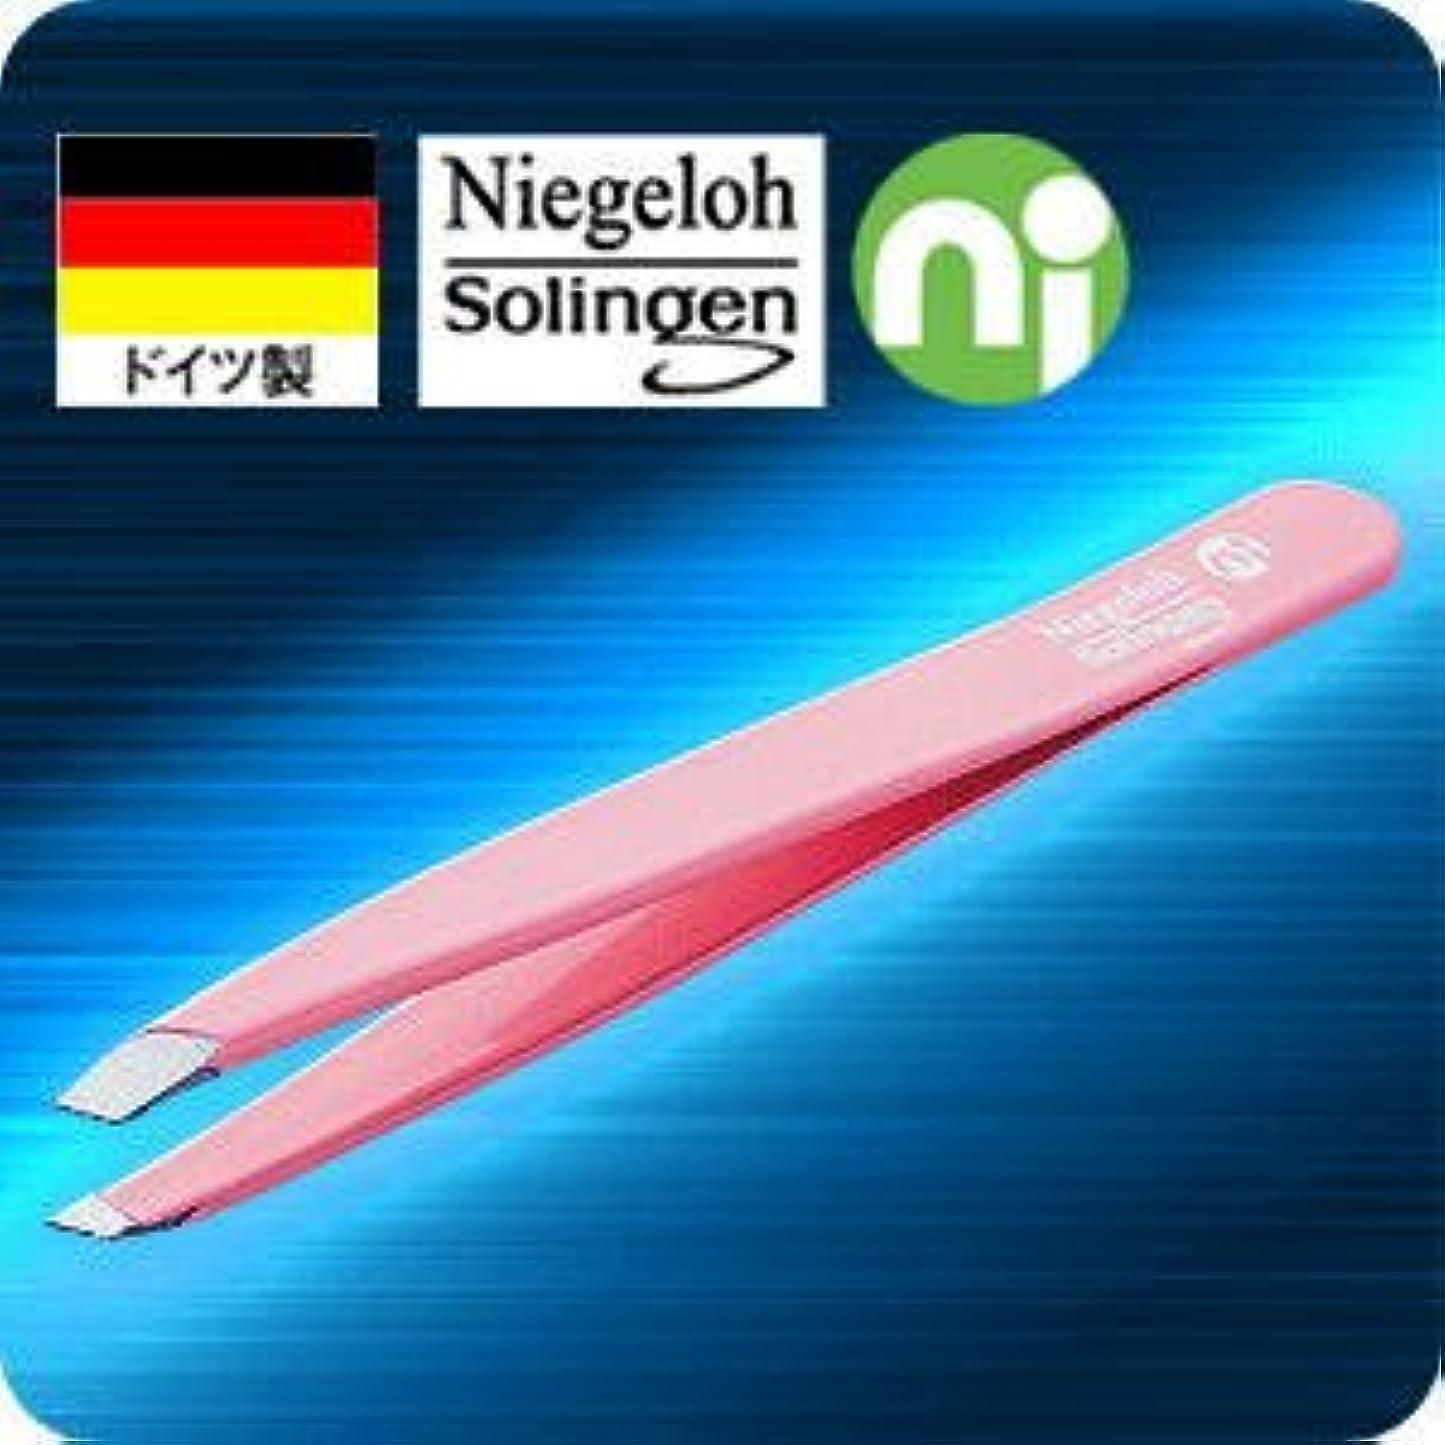 飢スペイン語可聴ドイツ ゾーリンゲンNiegeloh(ニゲロ社)のツイザー